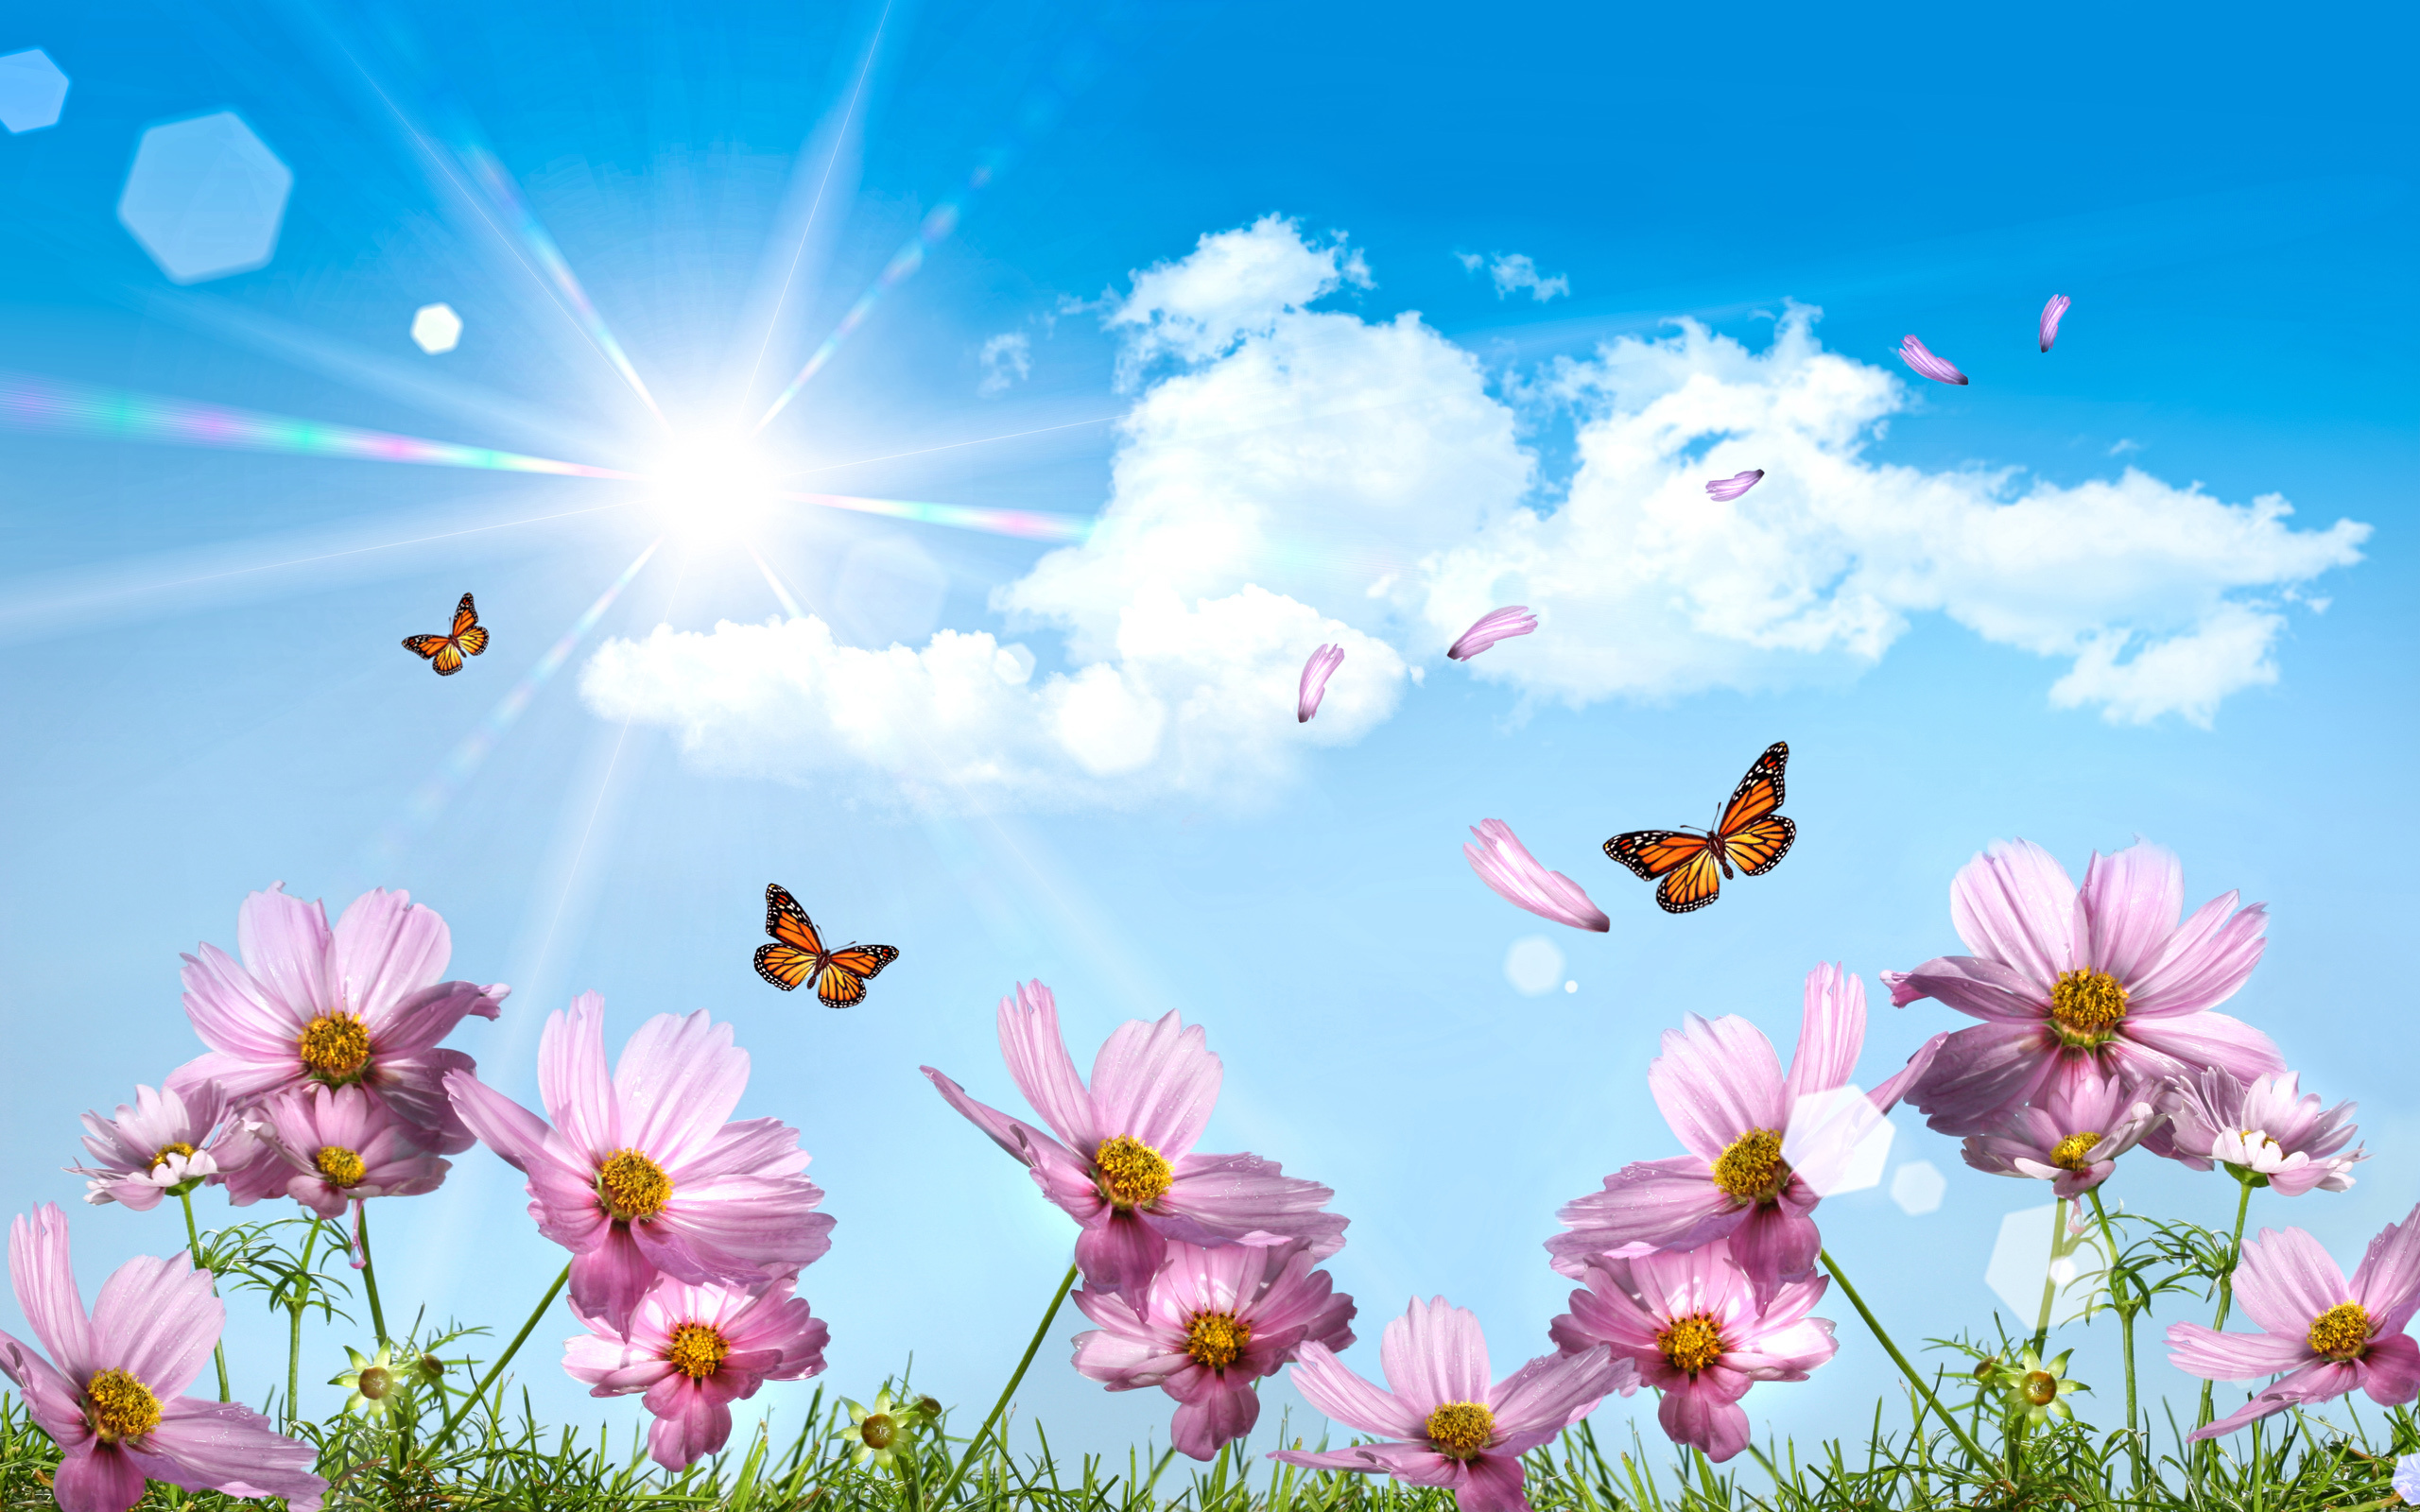 Бабочки подлетающие к цветкам  № 2991700 загрузить